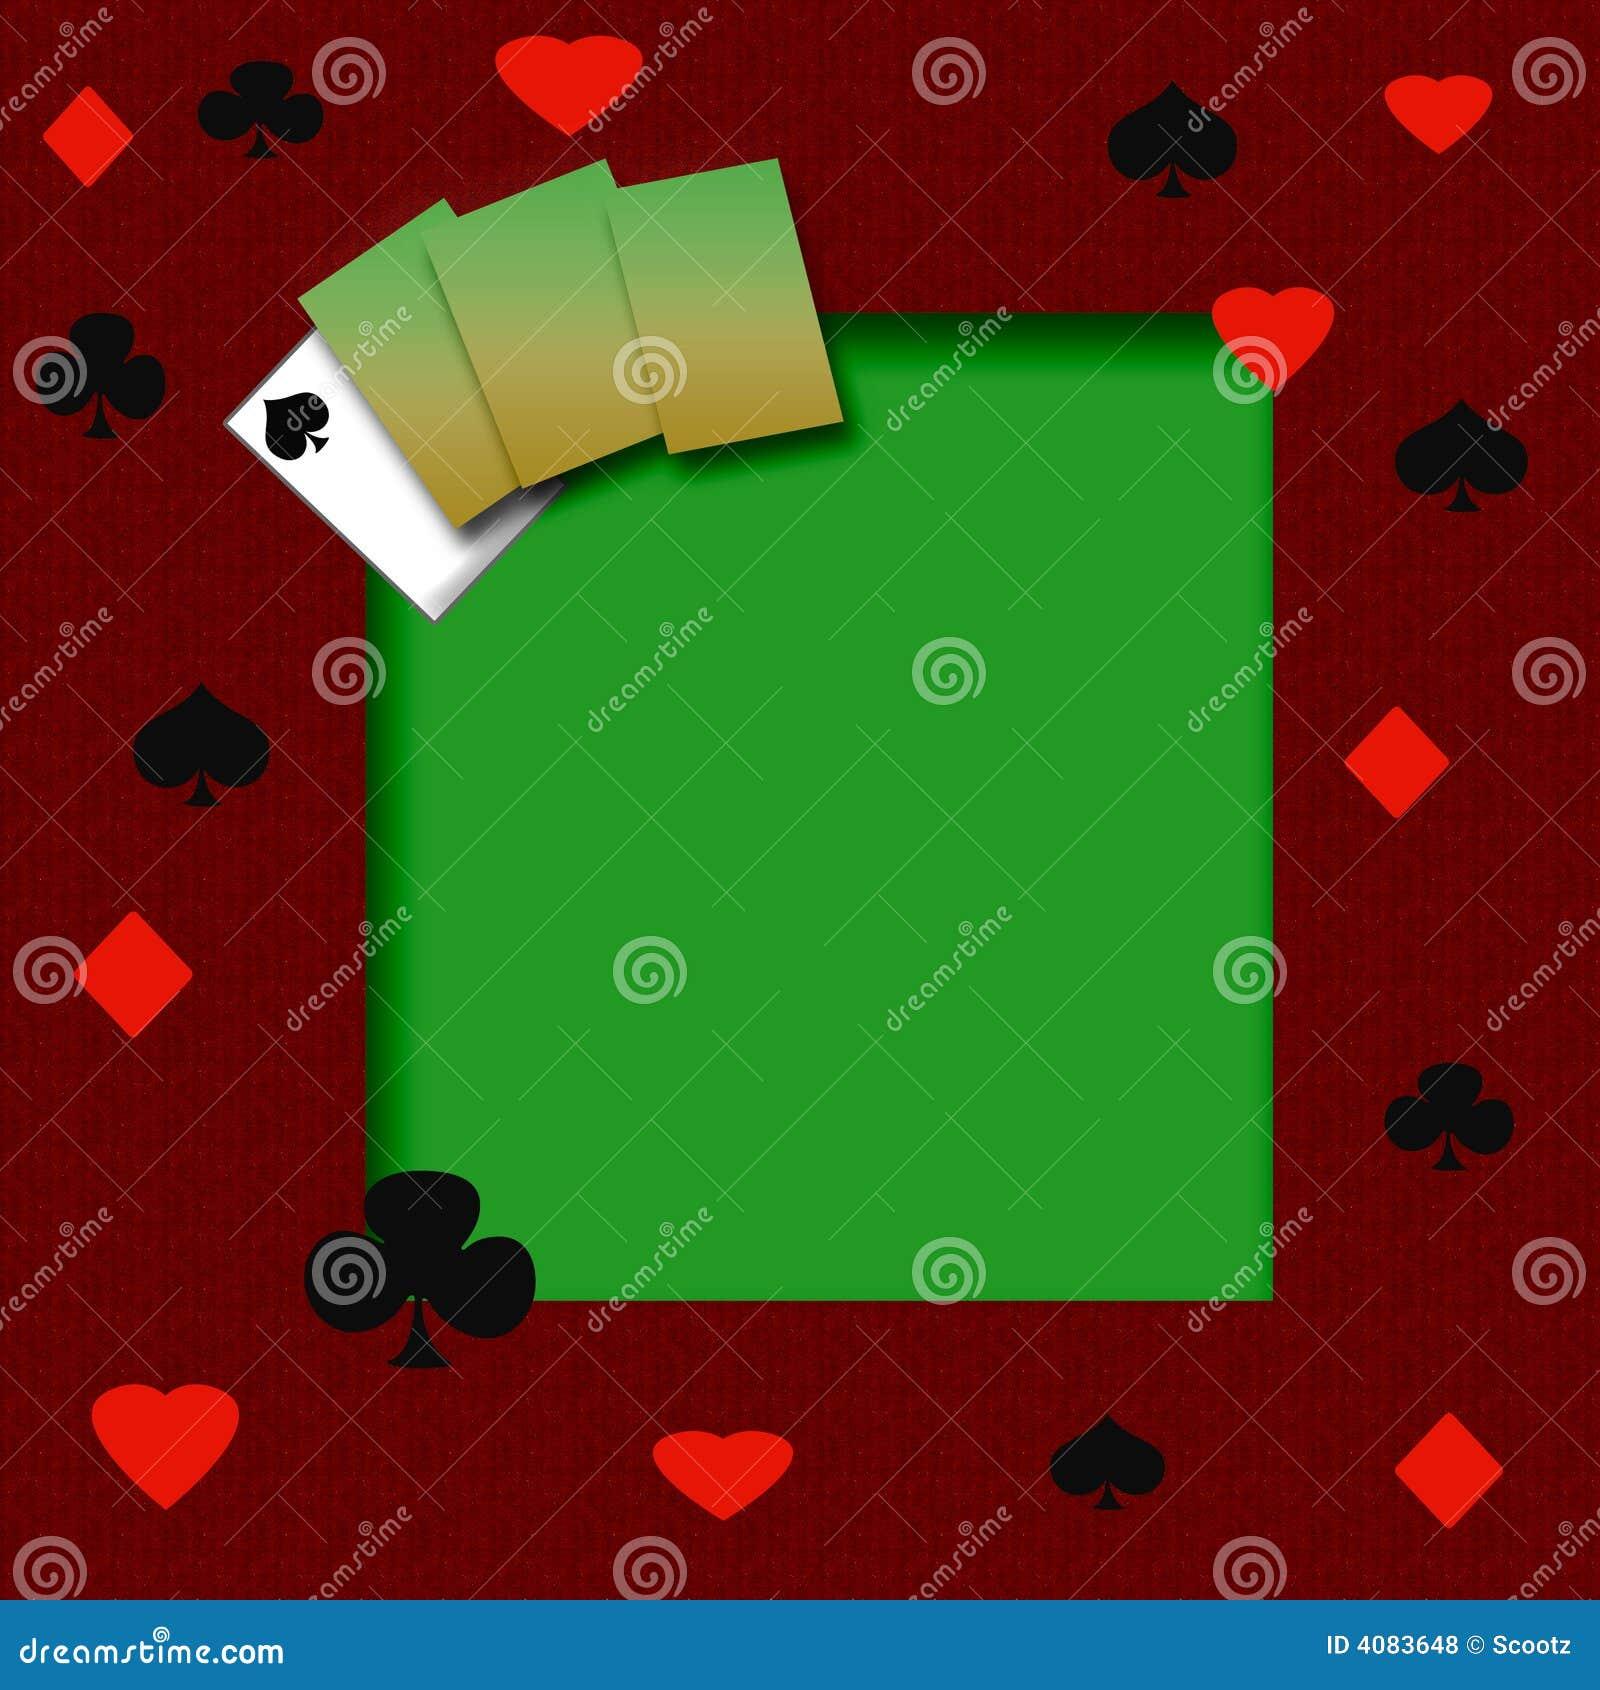 texas holdem how to play burn card